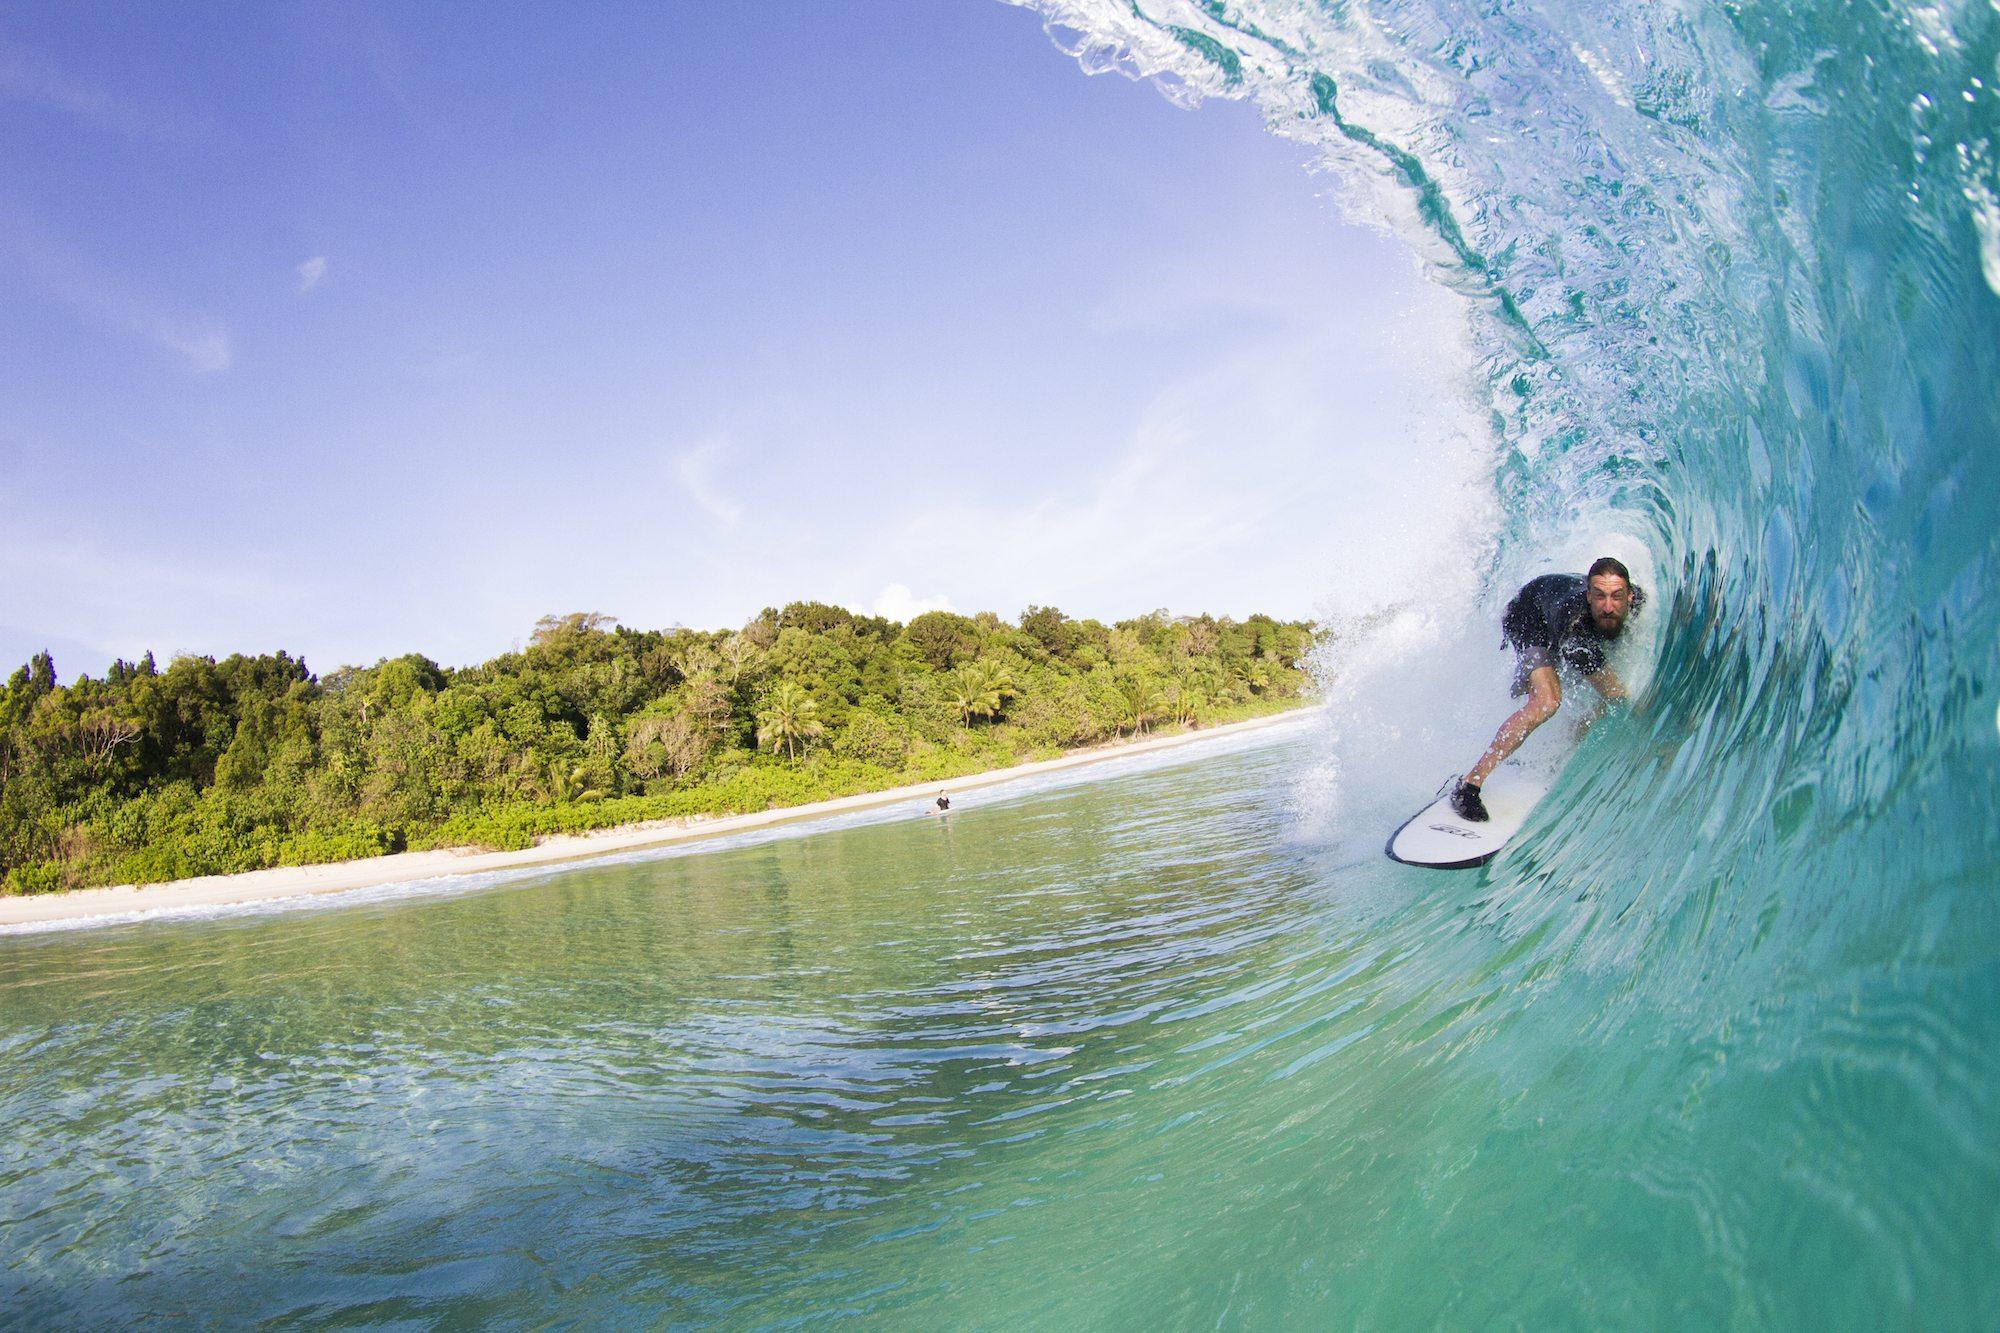 surfer surfs in dumpers waves, surf banyak